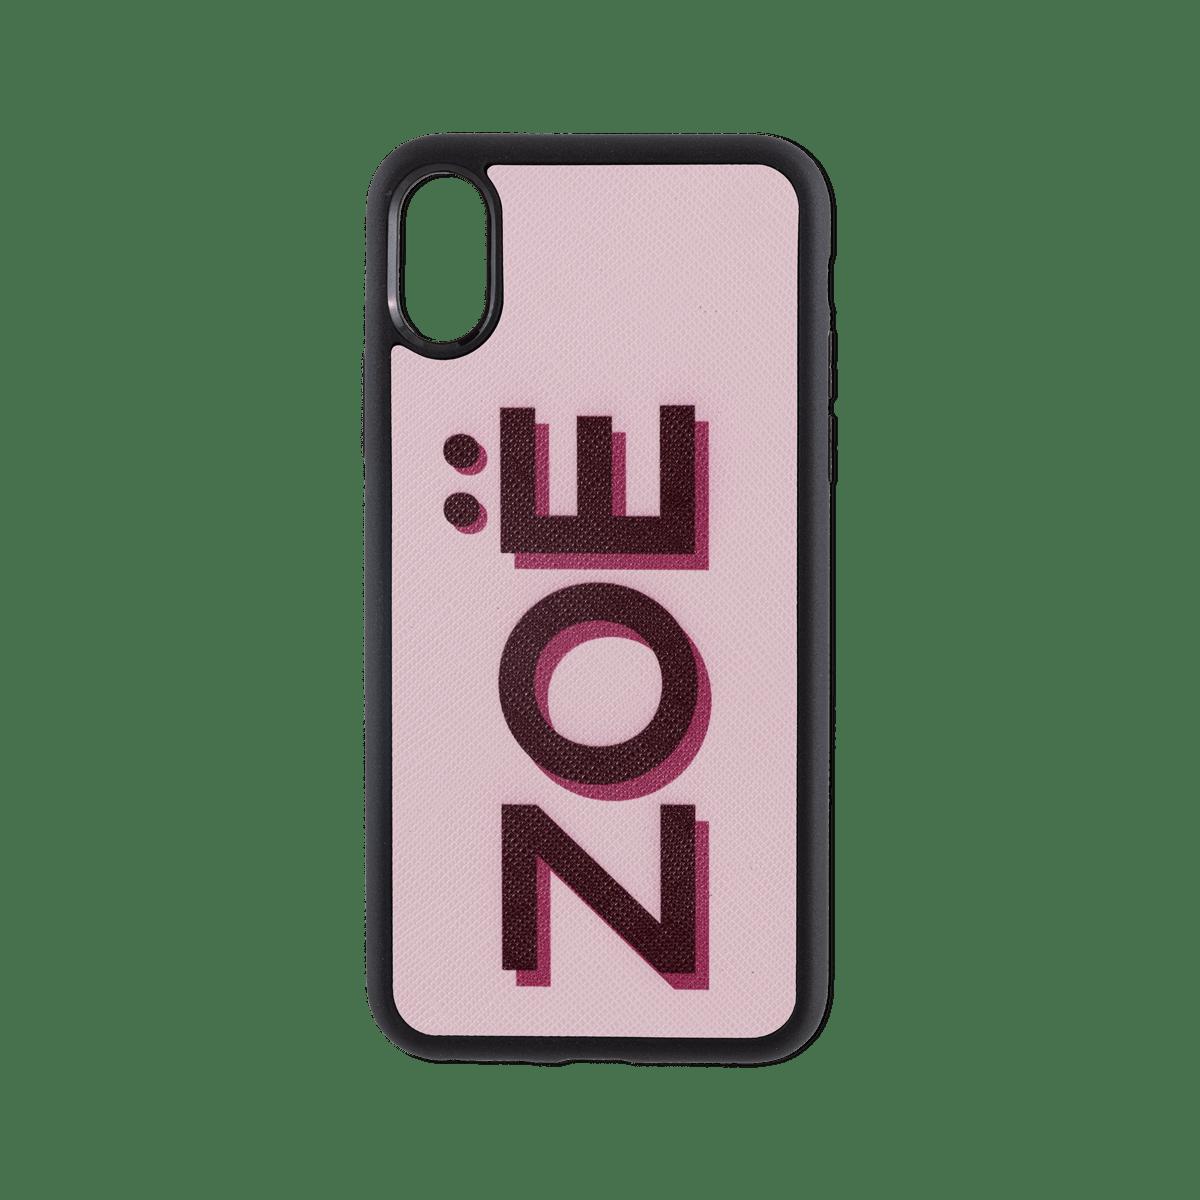 Maia Bold iPhone Case